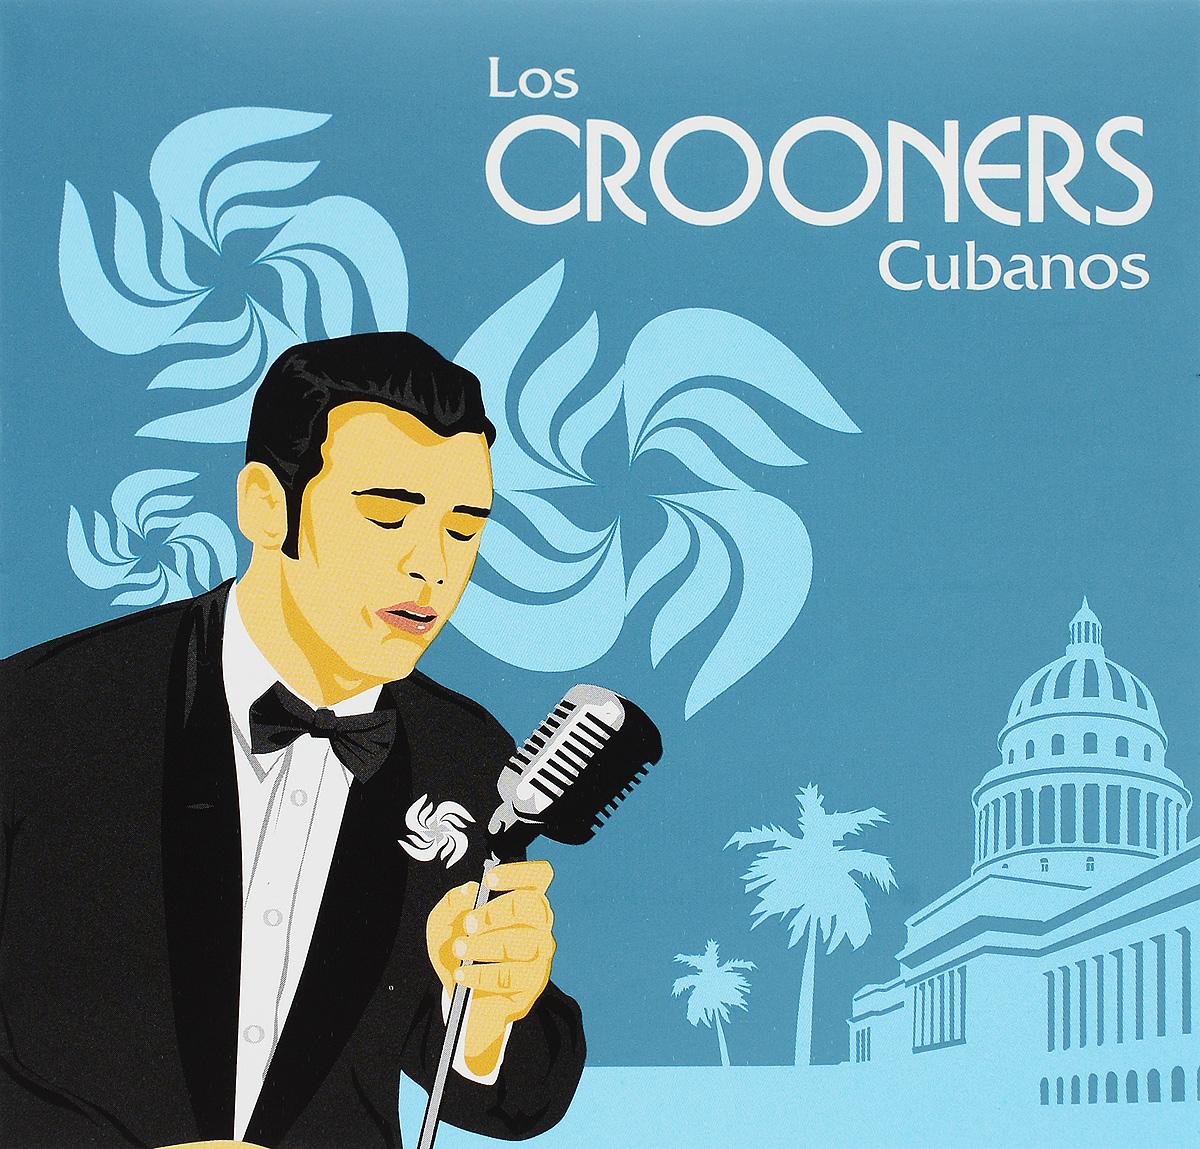 Los Crooners Cubanos fodor s fodor los cabos